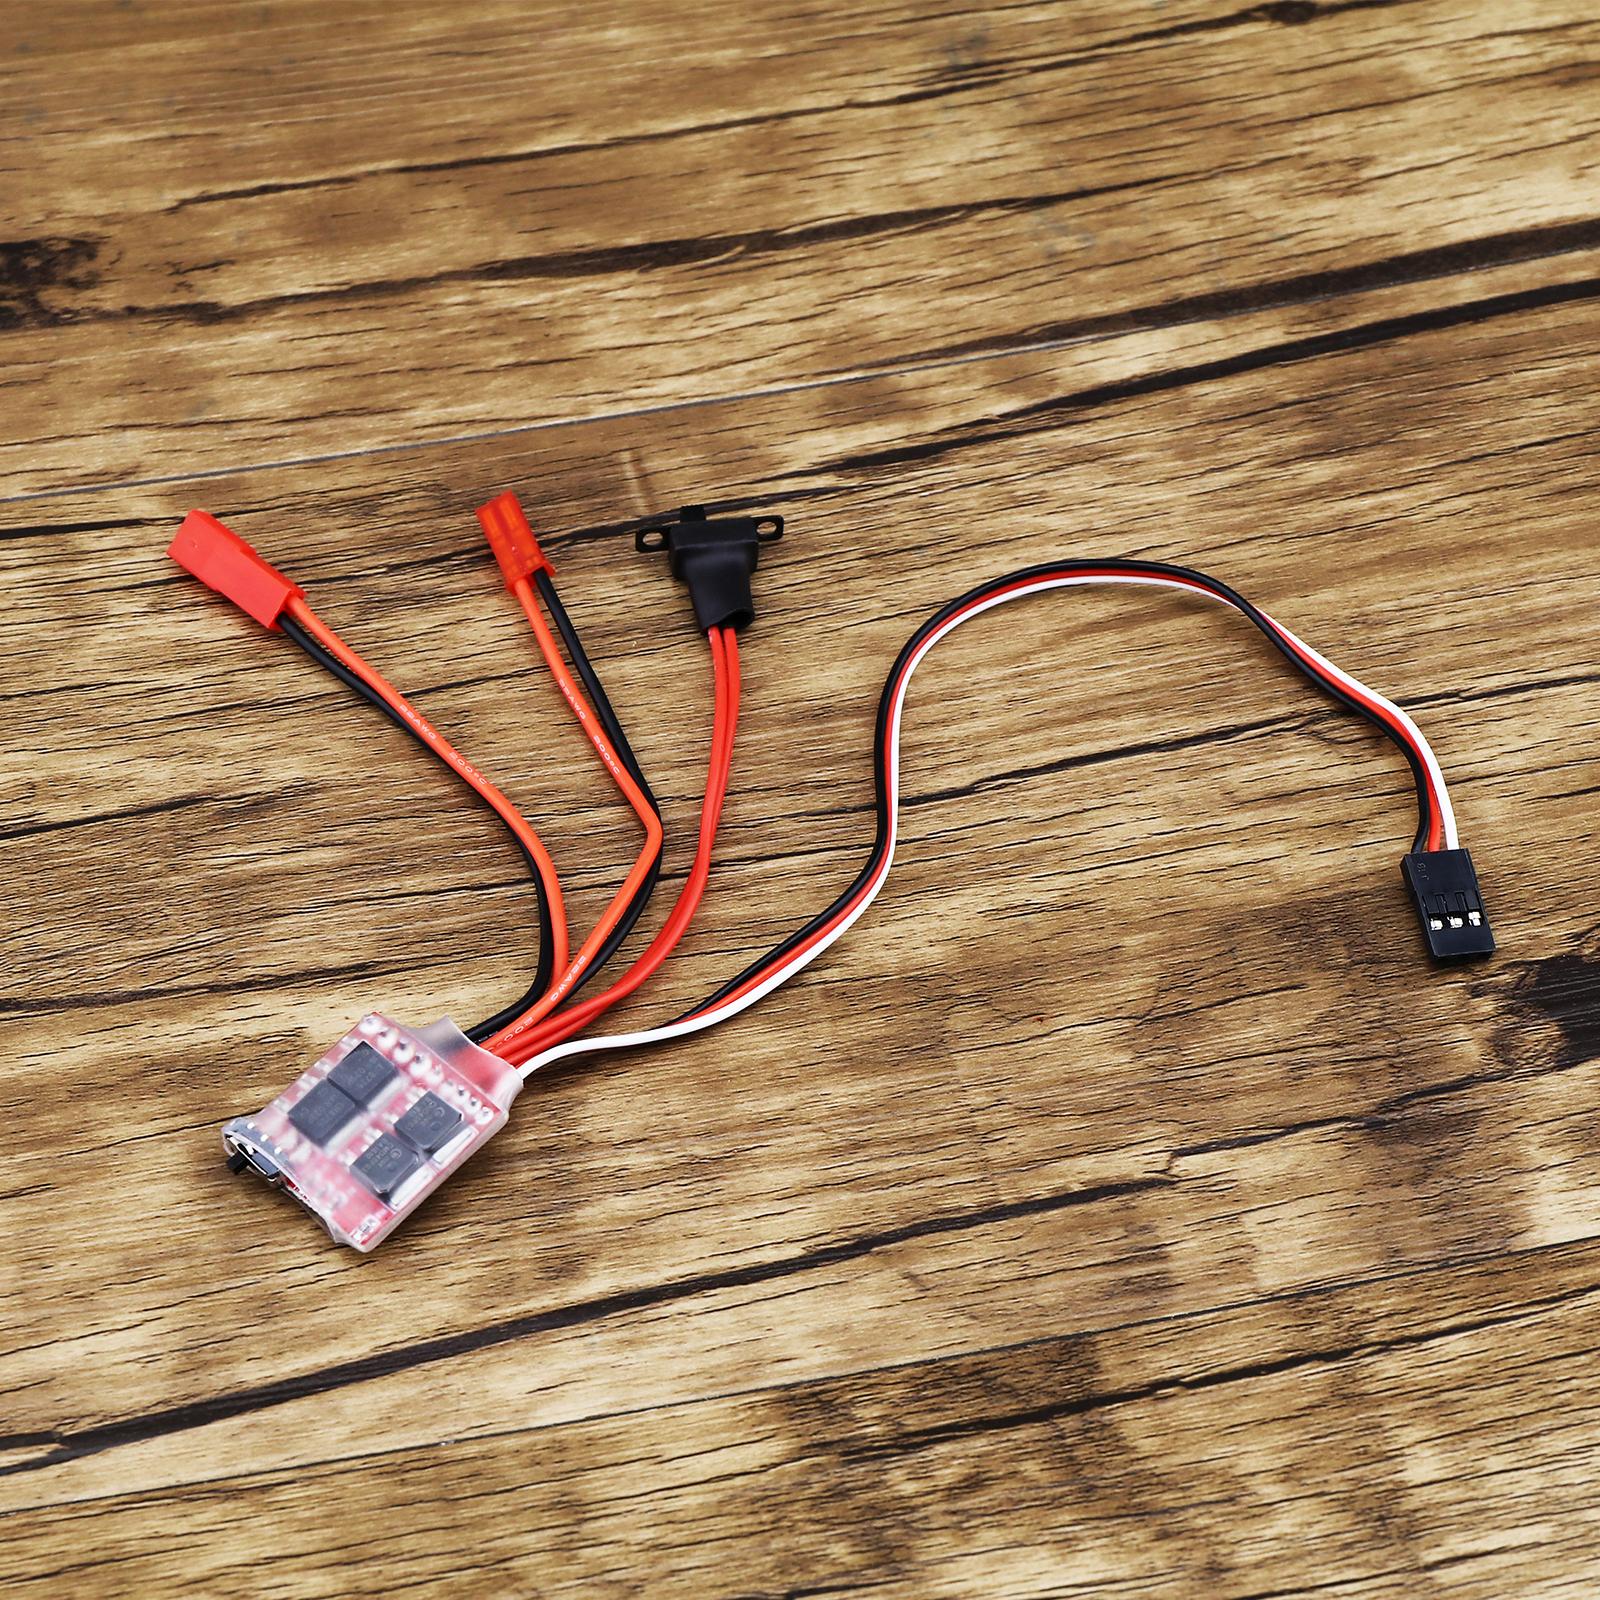 Durevole 30A Mini ESC Brush elettronico regolatore di velocità  per RC auto Contro  bellissima